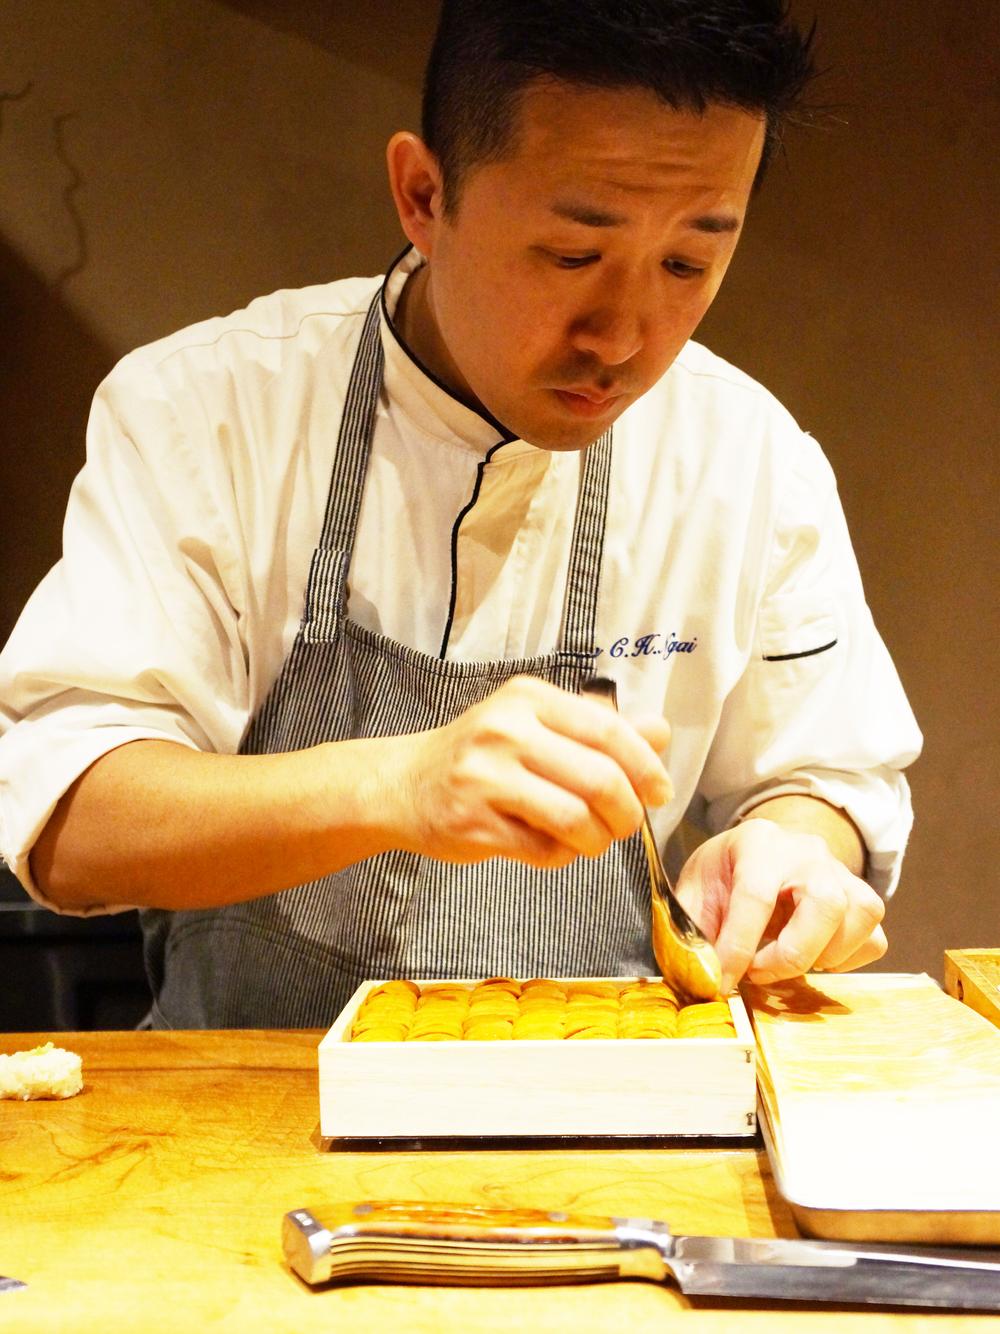 阿Ken。和主厨一起离开Sushi Ran。说广东话的朋友和他交谈就更会畅快淋漓了。他手上那一盒Mendocino sea urchin简直太诱人了。